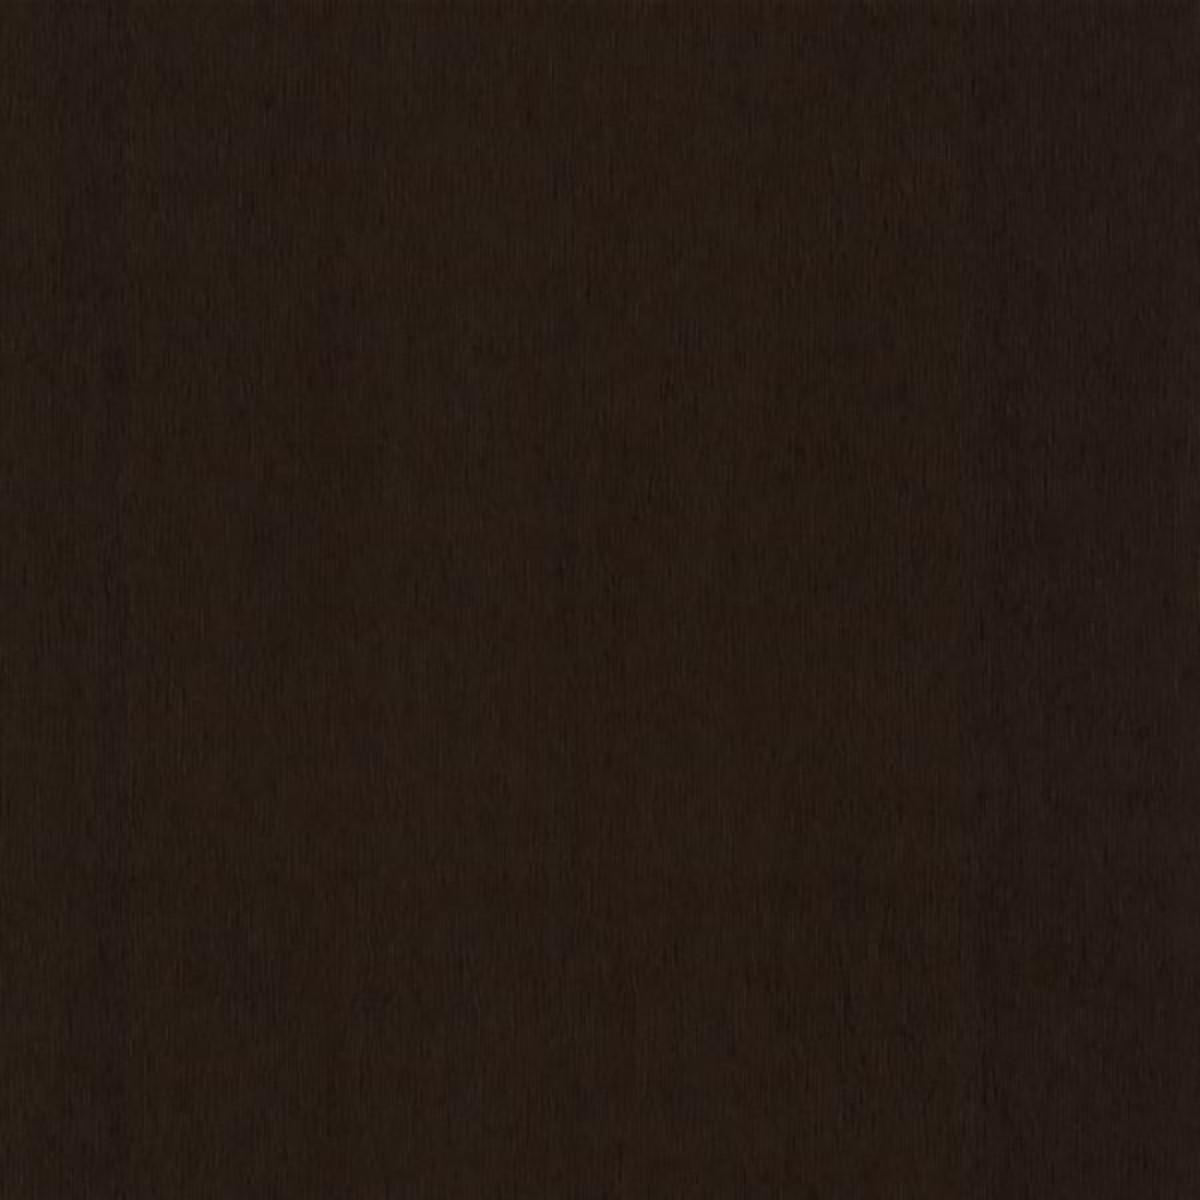 Обои флизелиновые P+S International Artemis коричневые 0.53 м 13091-10